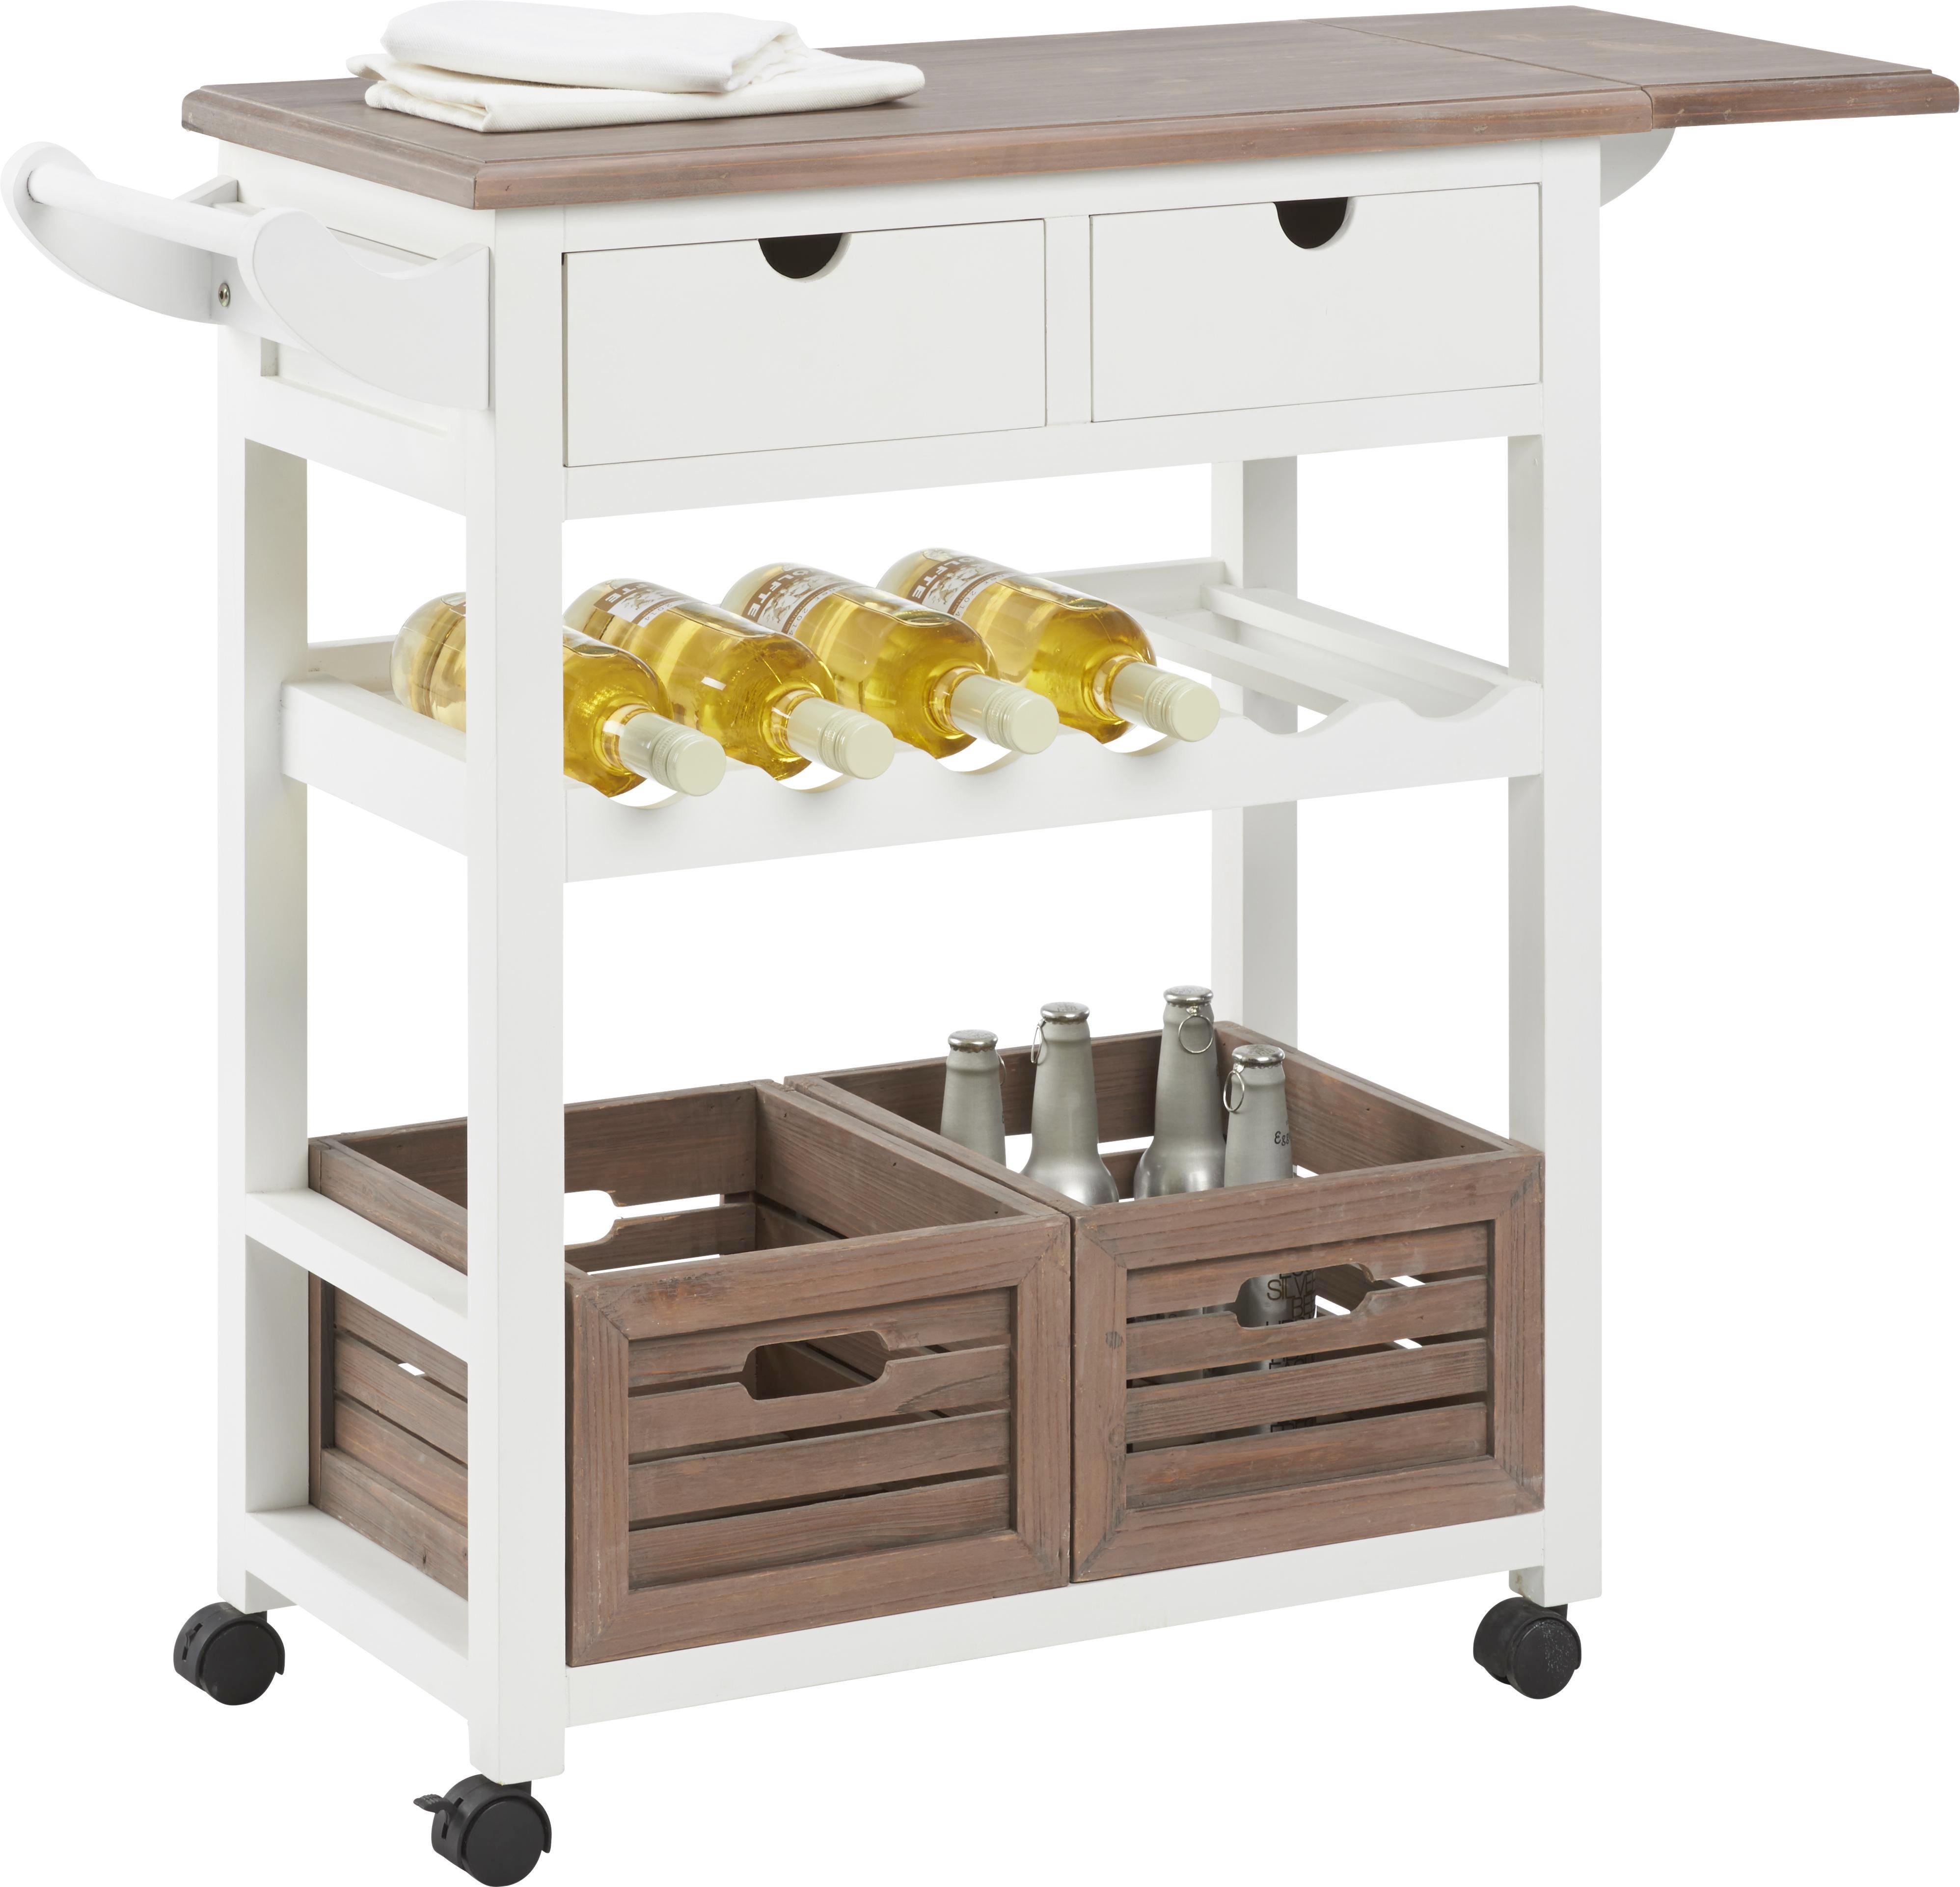 Küchenwagen Cookie - Braun/Weiß, Holz/Holzwerkstoff (85/82/36cm) - PREMIUM LIVING